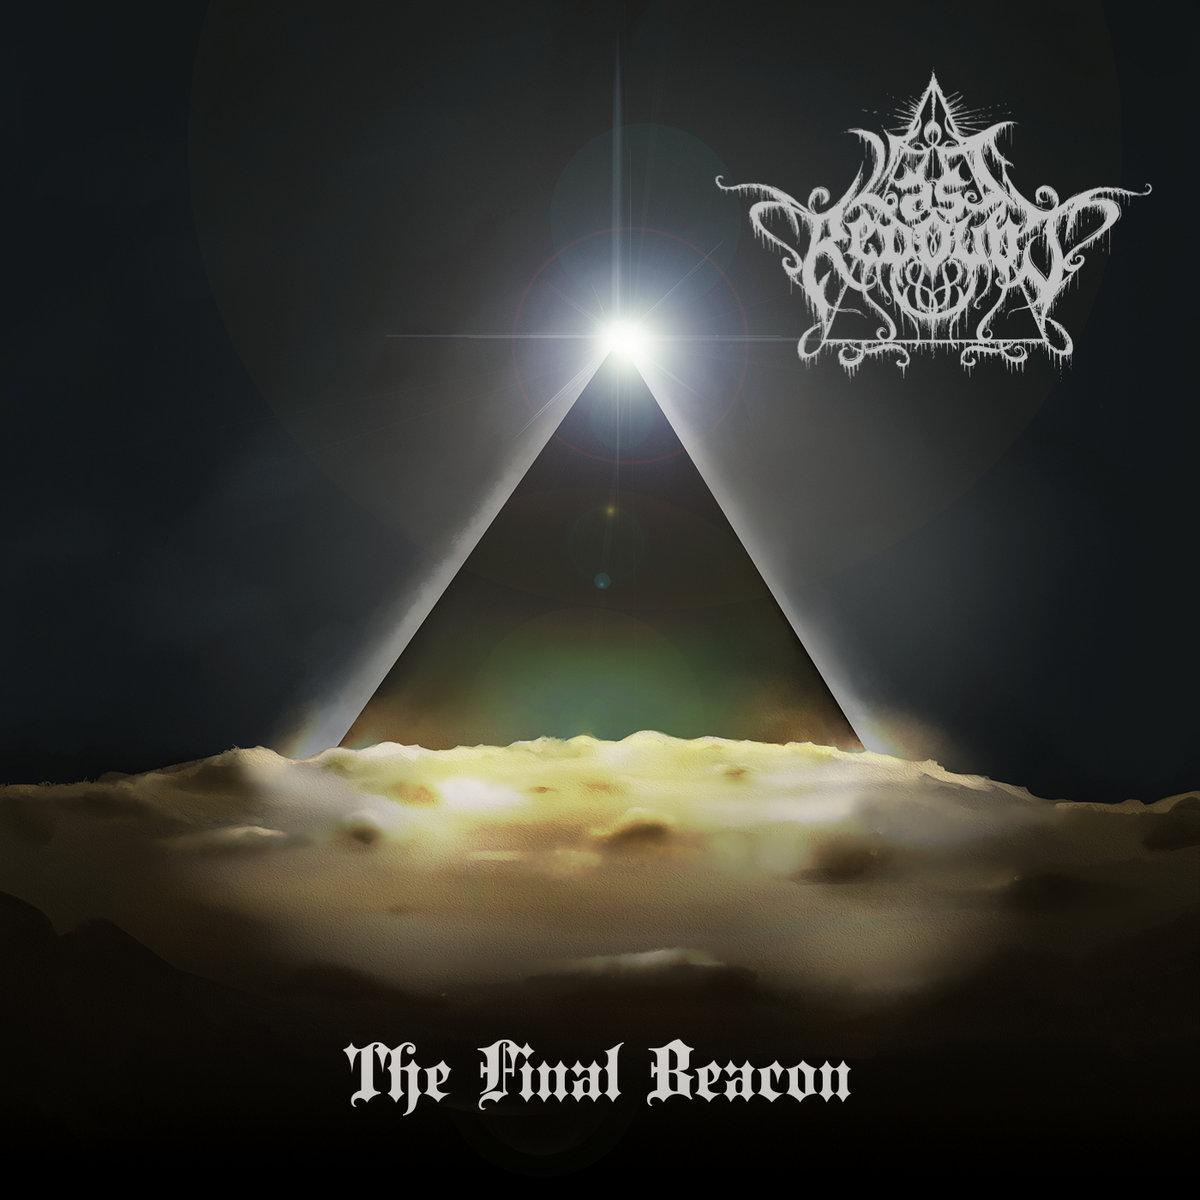 The Final Beacon